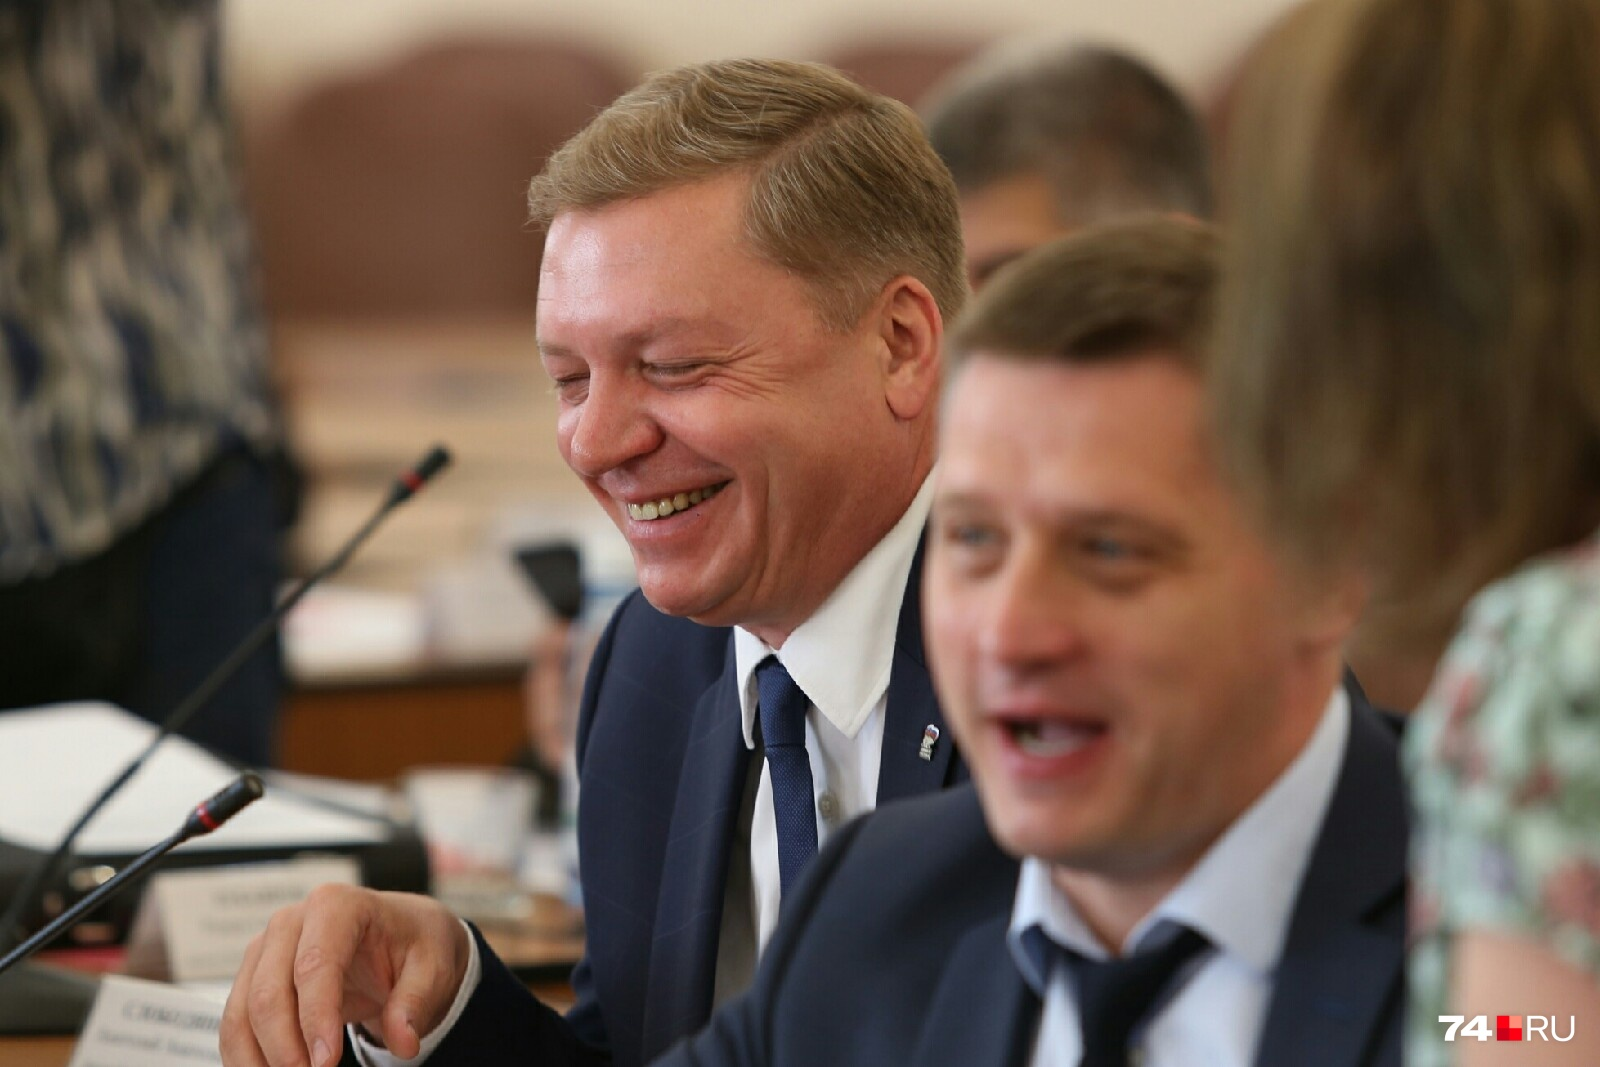 Дмитрий Холод (слева) вместе со всеми шутил и смеялся